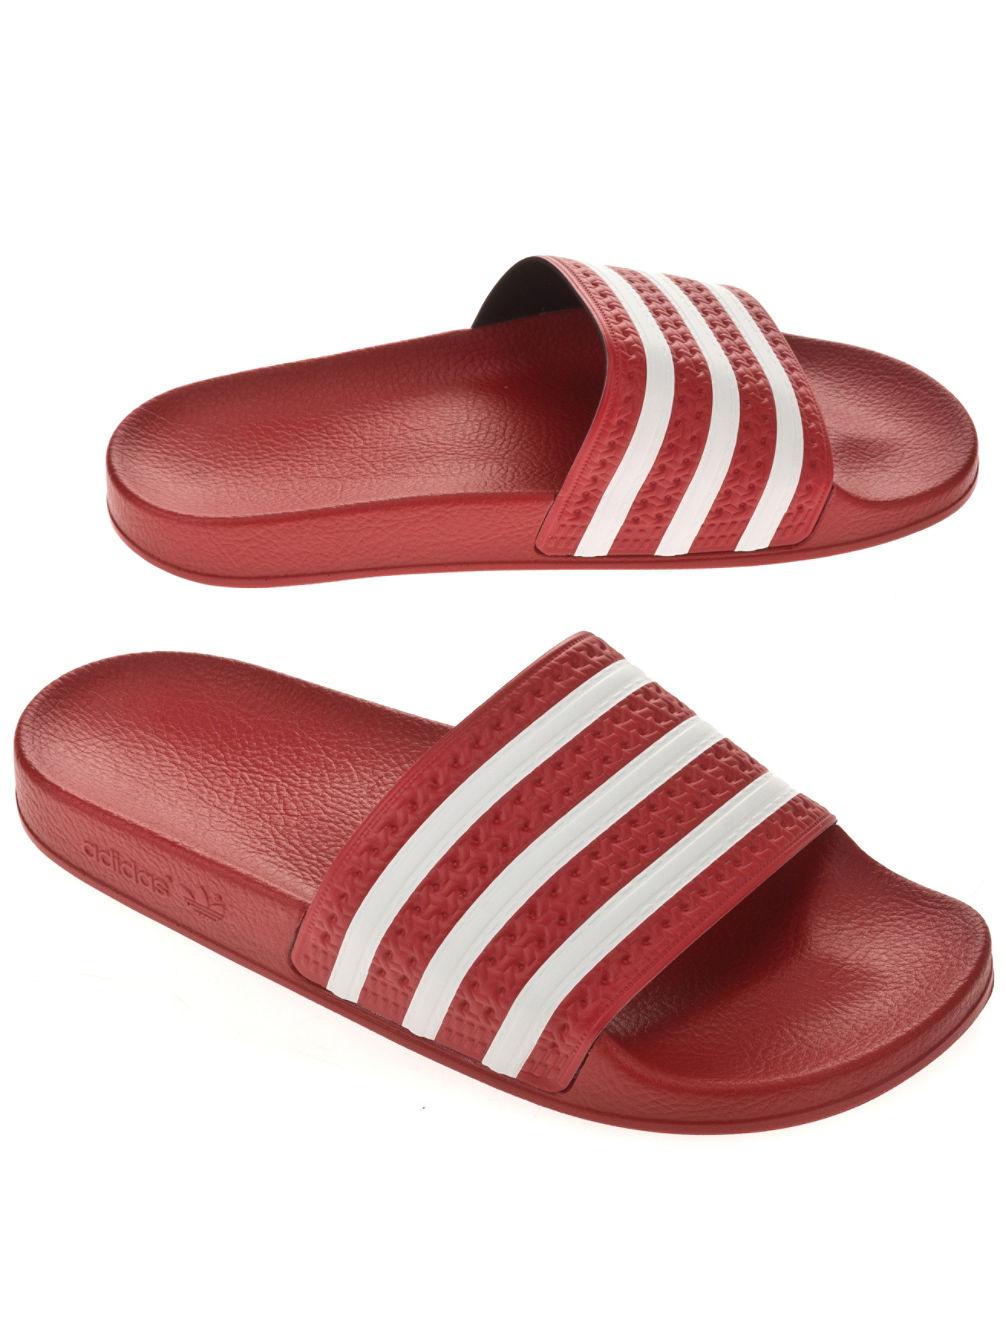 adidas-originals-adilette-sandals